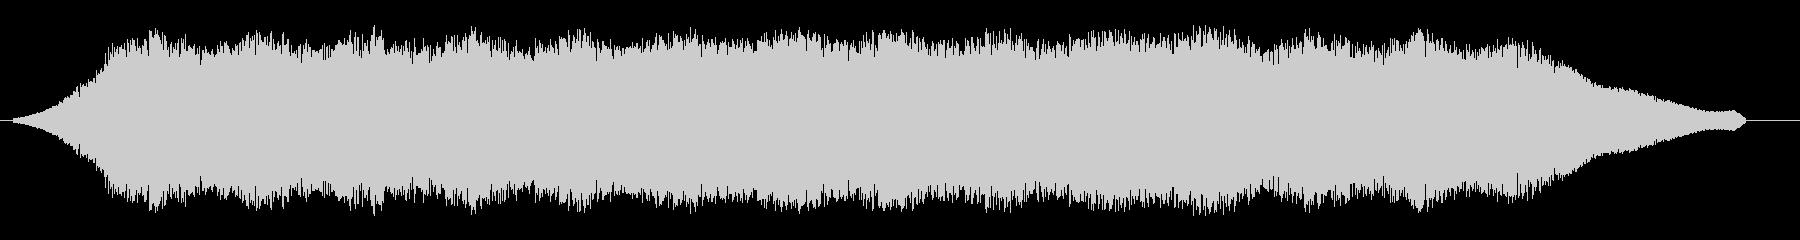 ビウィウィウィ(強めのUFO飛行音)の未再生の波形